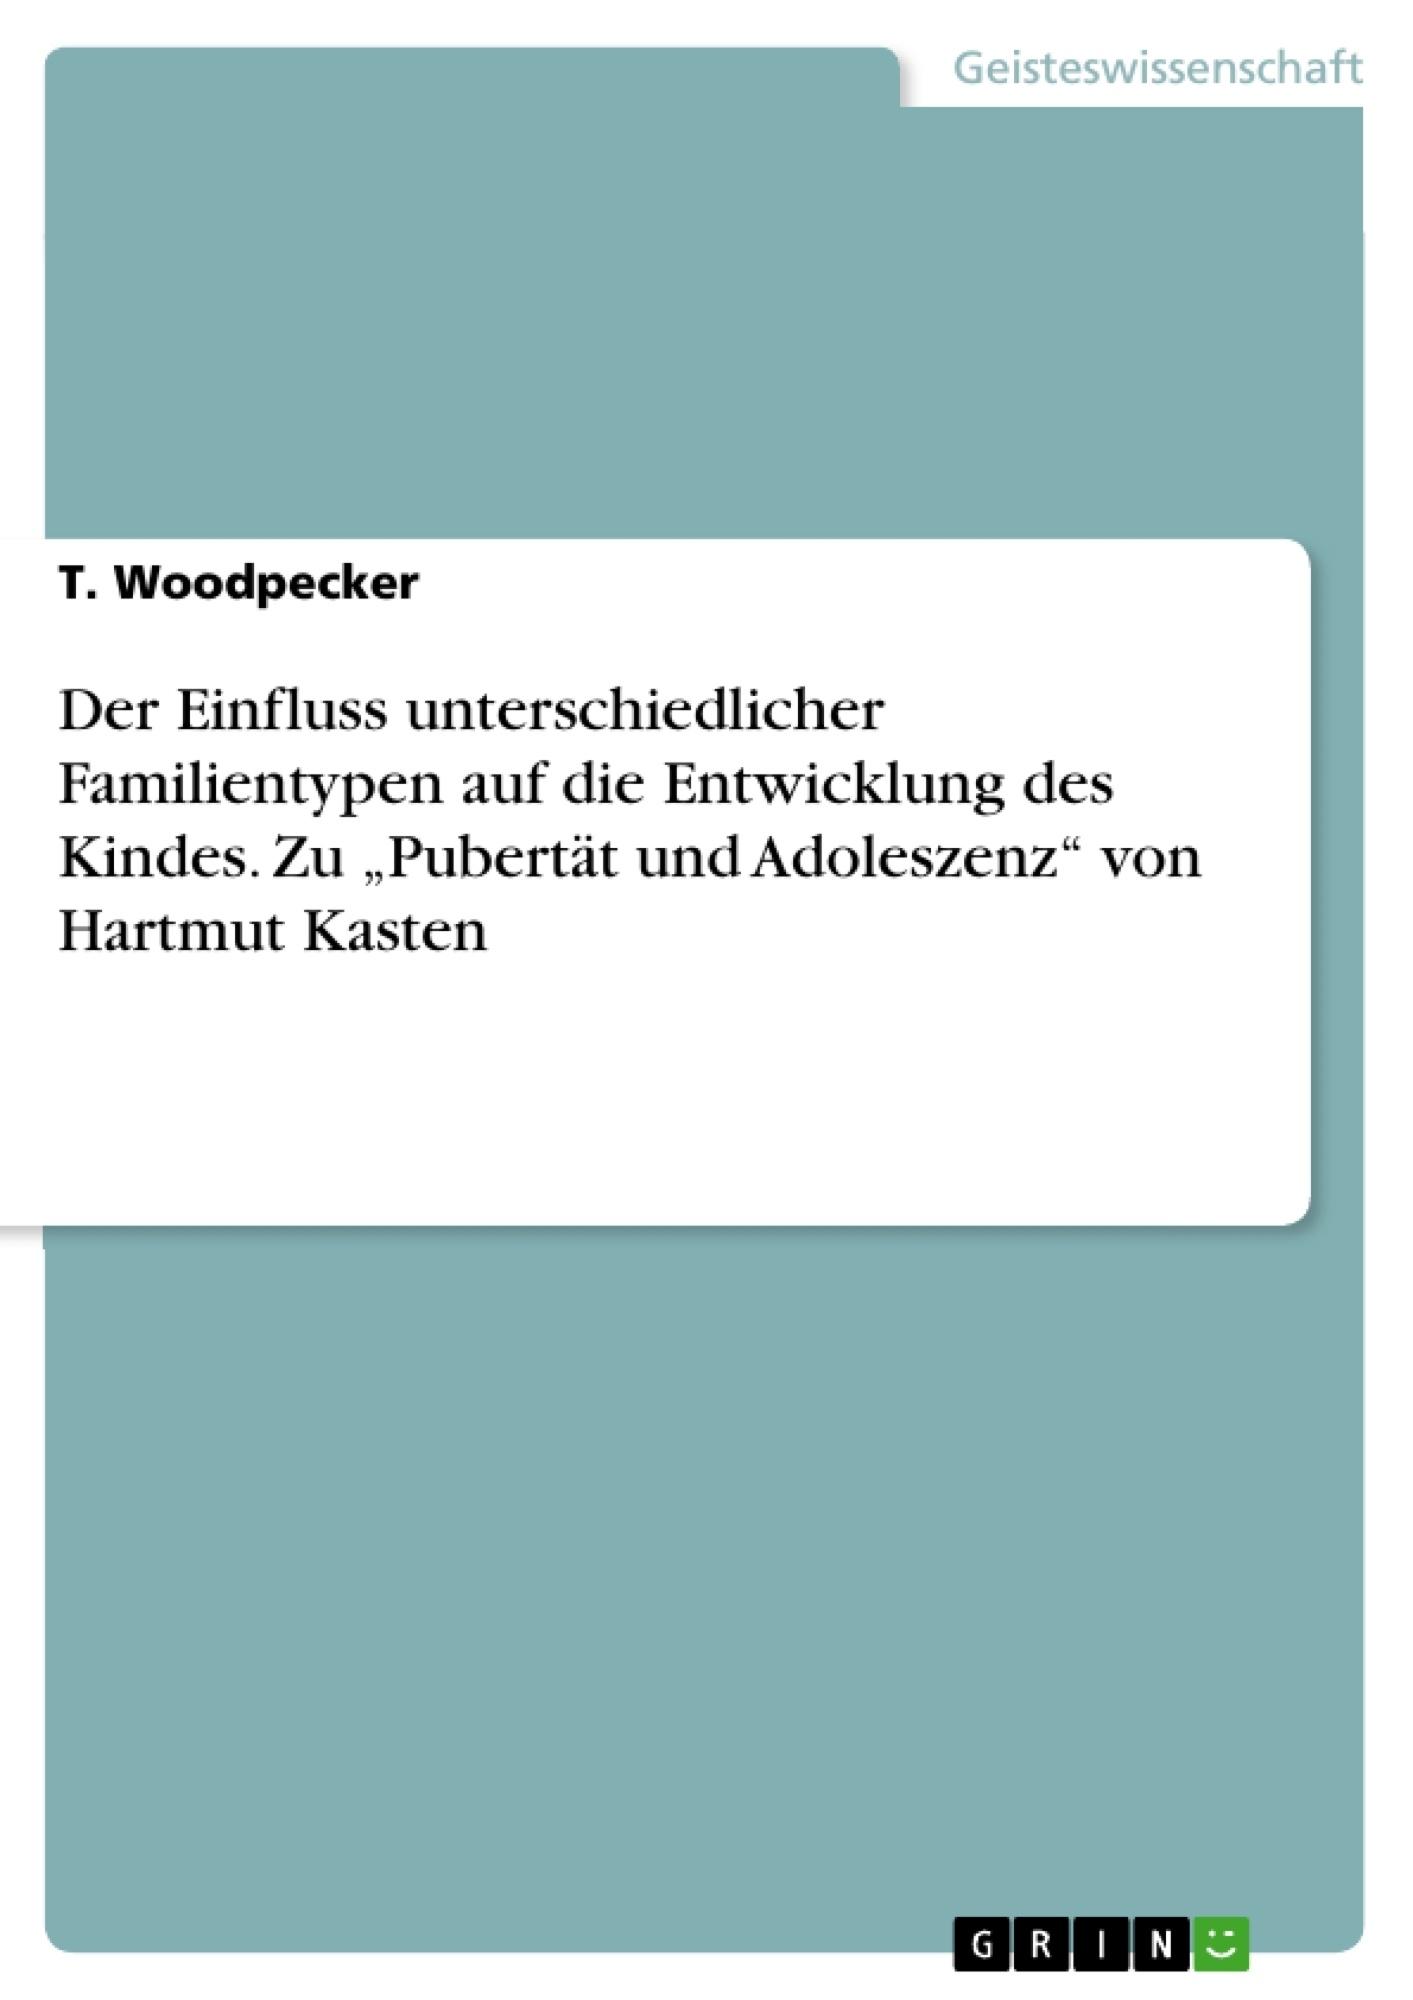 """Titel: Der Einfluss unterschiedlicher Familientypen  auf die Entwicklung des Kindes. Zu """"Pubertät und Adoleszenz"""" von Hartmut Kasten"""